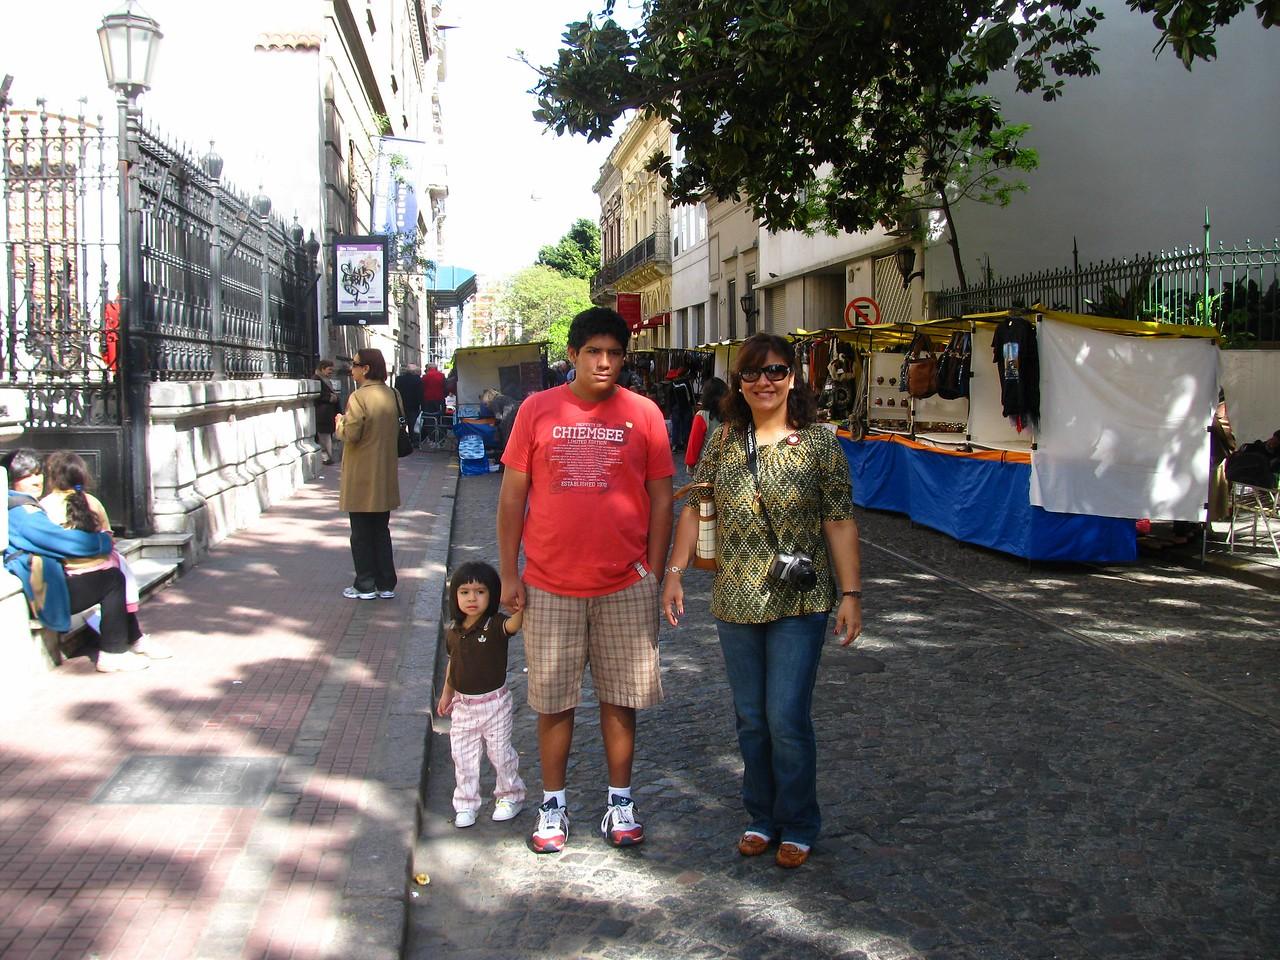 En San Telmo, viendo antiguedades...